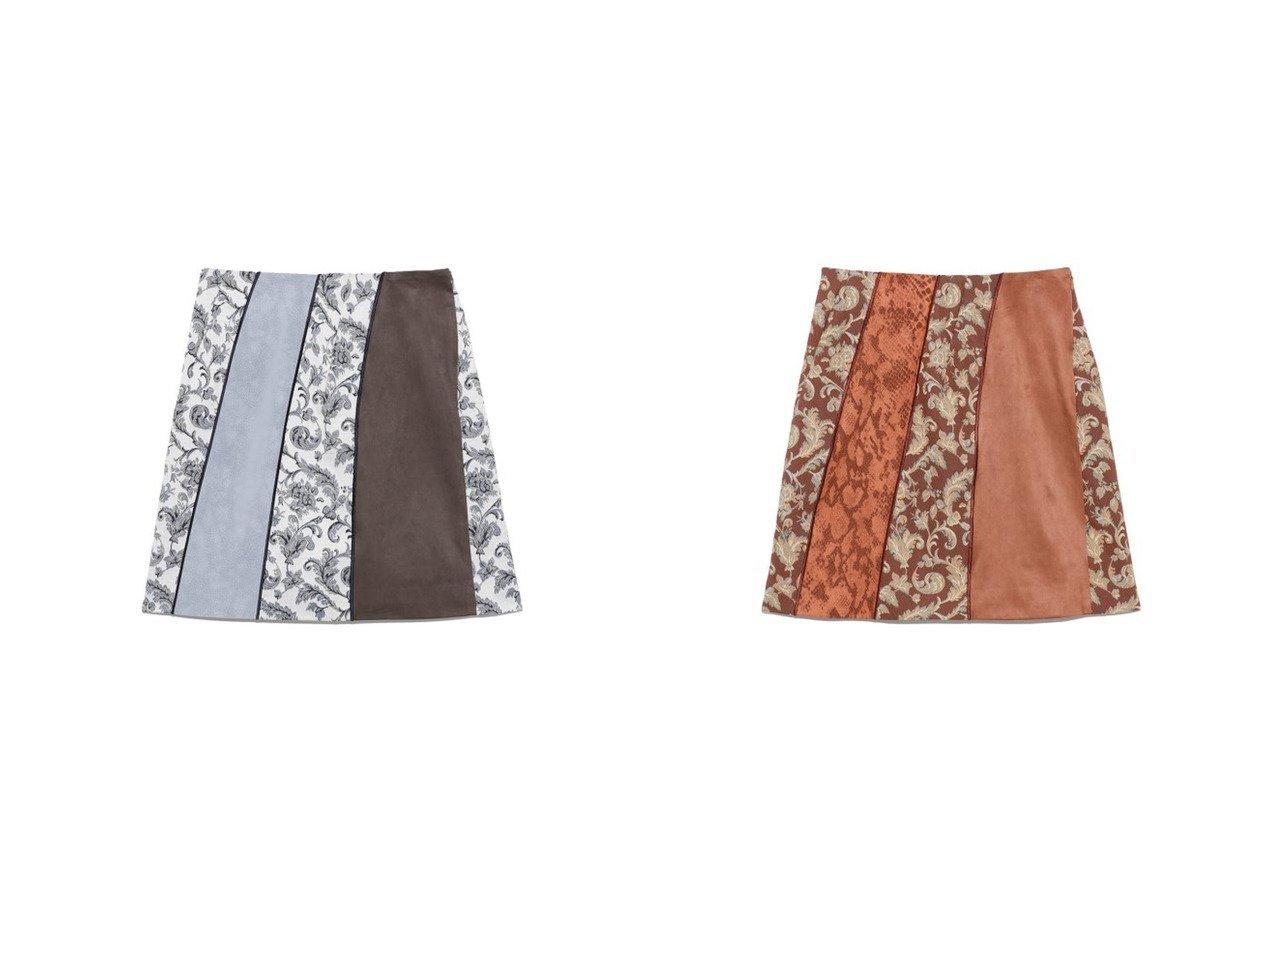 【Lily Brown/リリーブラウン】のカラーブロックスカート スカートのおすすめ!人気、トレンド・レディースファッションの通販  おすすめで人気の流行・トレンド、ファッションの通販商品 メンズファッション・キッズファッション・インテリア・家具・レディースファッション・服の通販 founy(ファニー) https://founy.com/ ファッション Fashion レディースファッション WOMEN スカート Skirt スウェード スマート 台形 バランス パイソン ブロック ミックス ミニスカート 無地 |ID:crp329100000009728